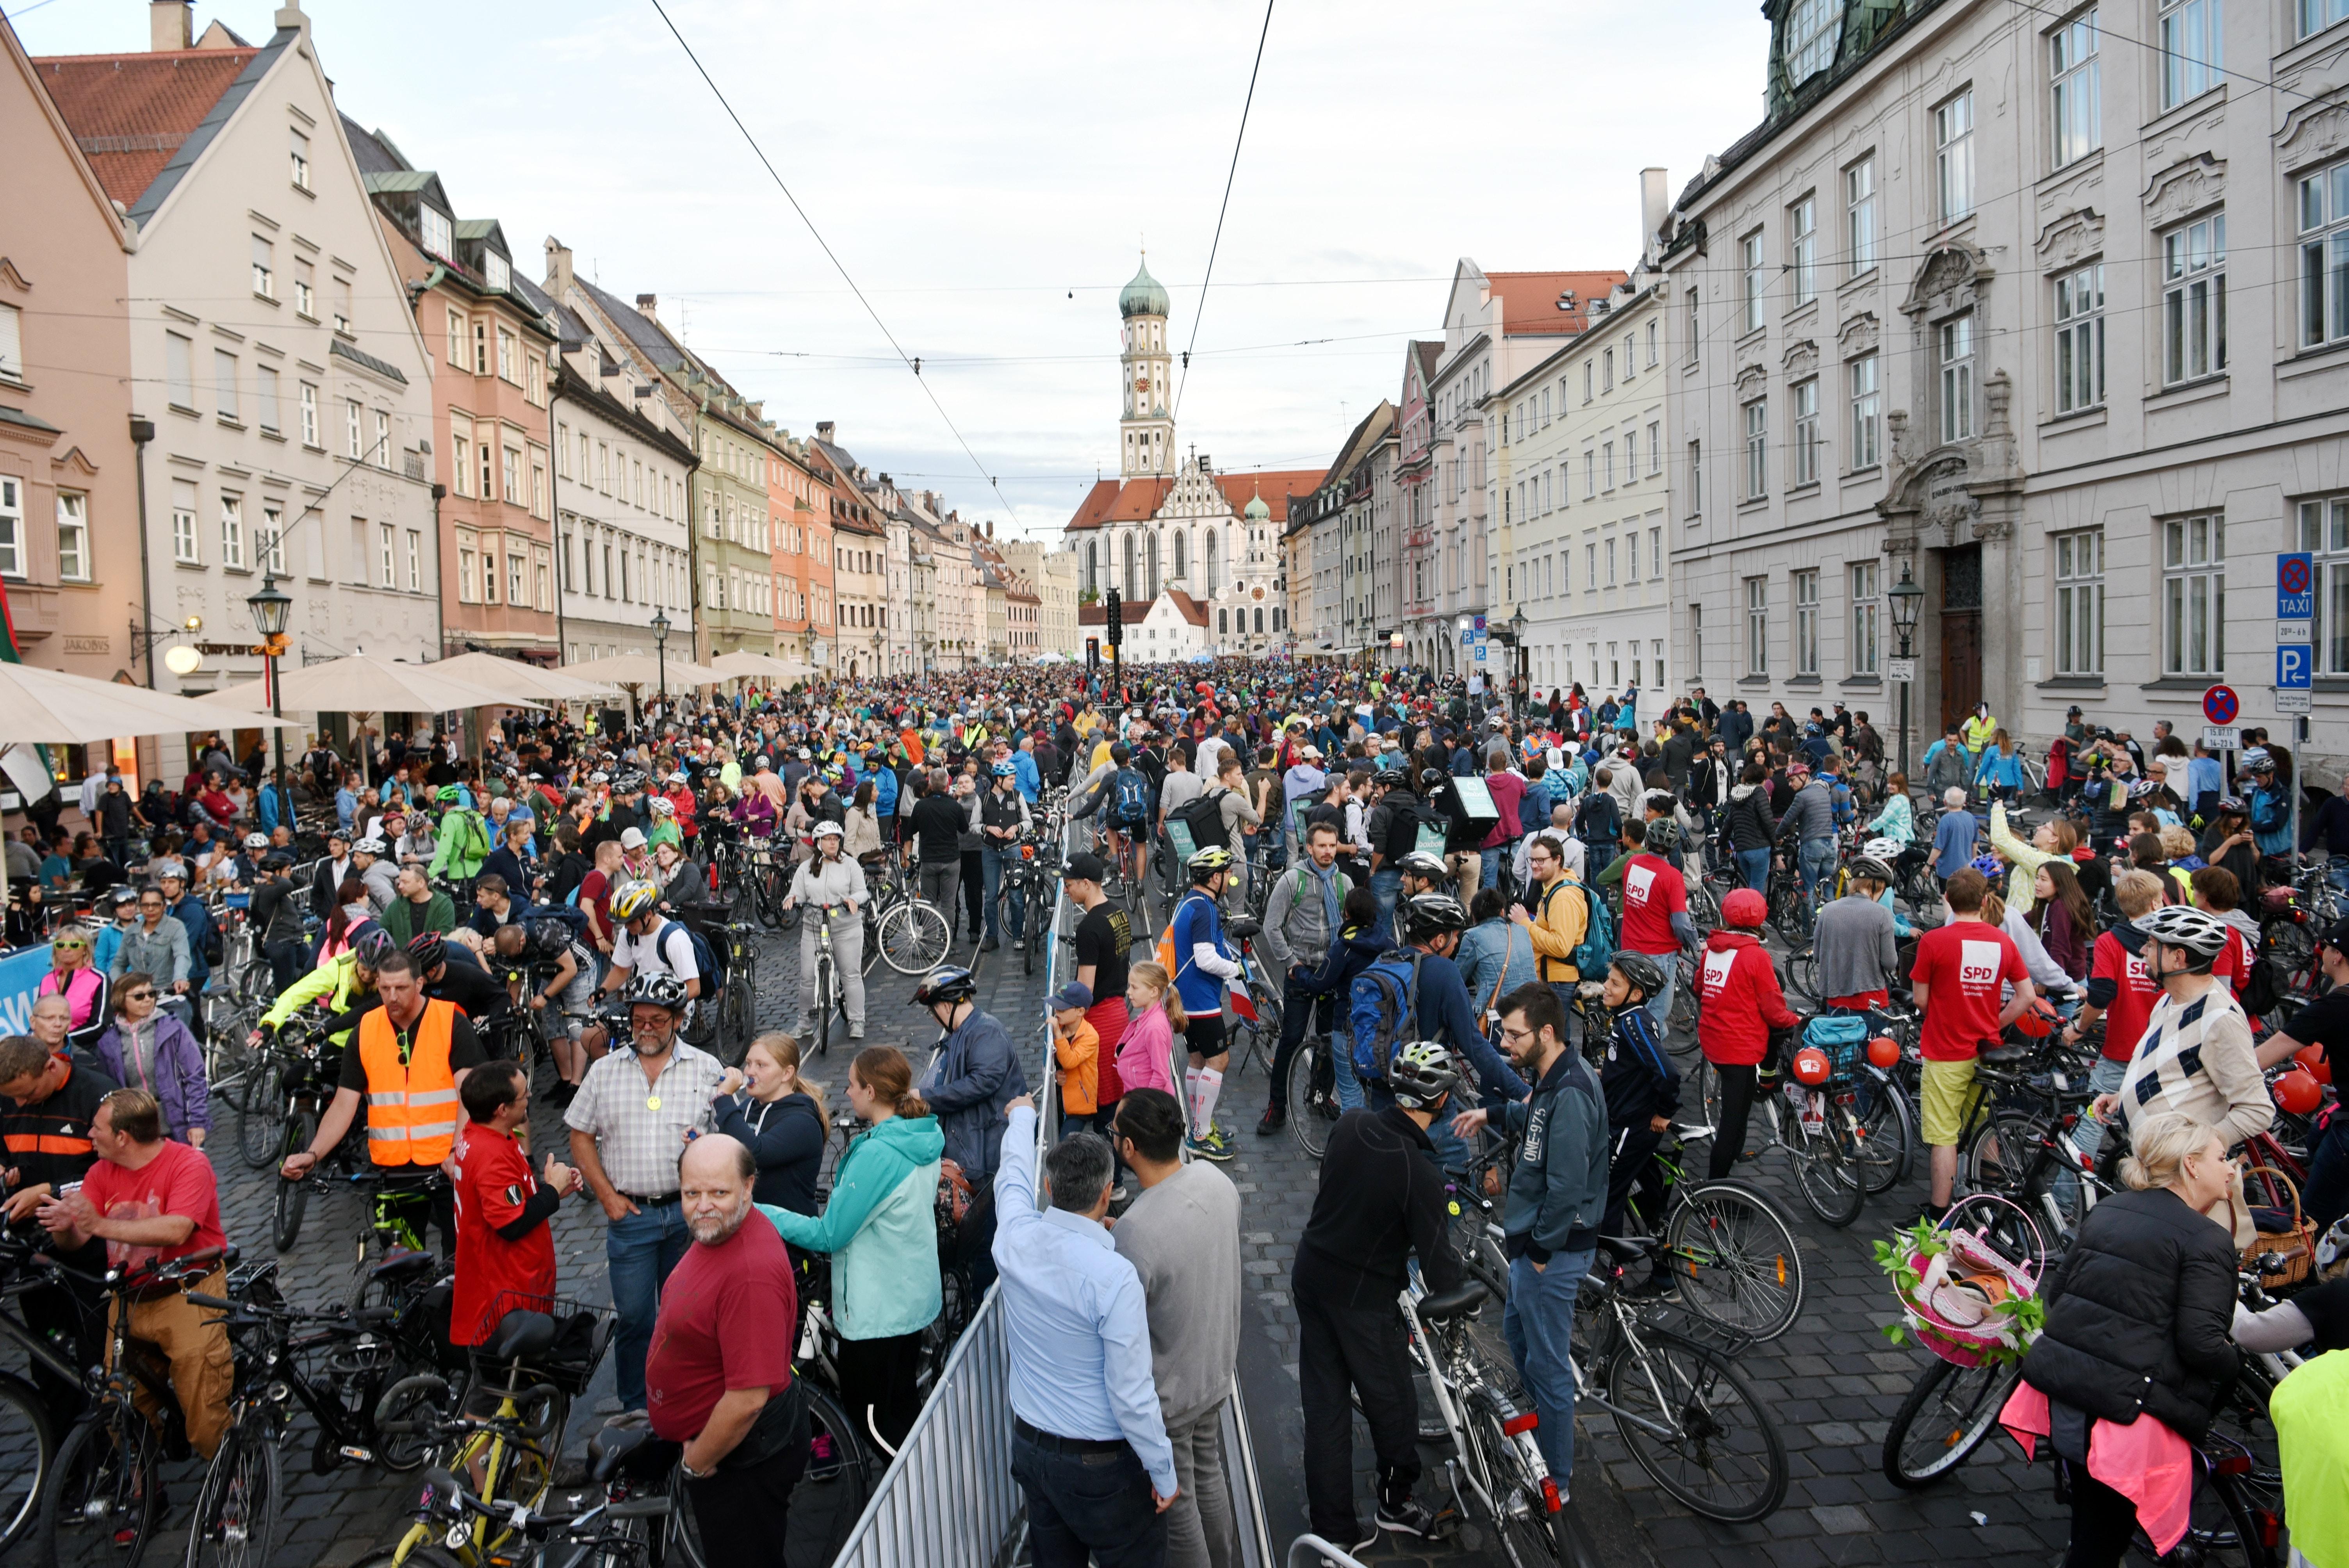 Über 6000 Radler starteten in der Maximilianstraße in die Augsburger Radlnacht. Bild: Ruth Plössel, Stadt Augsburg